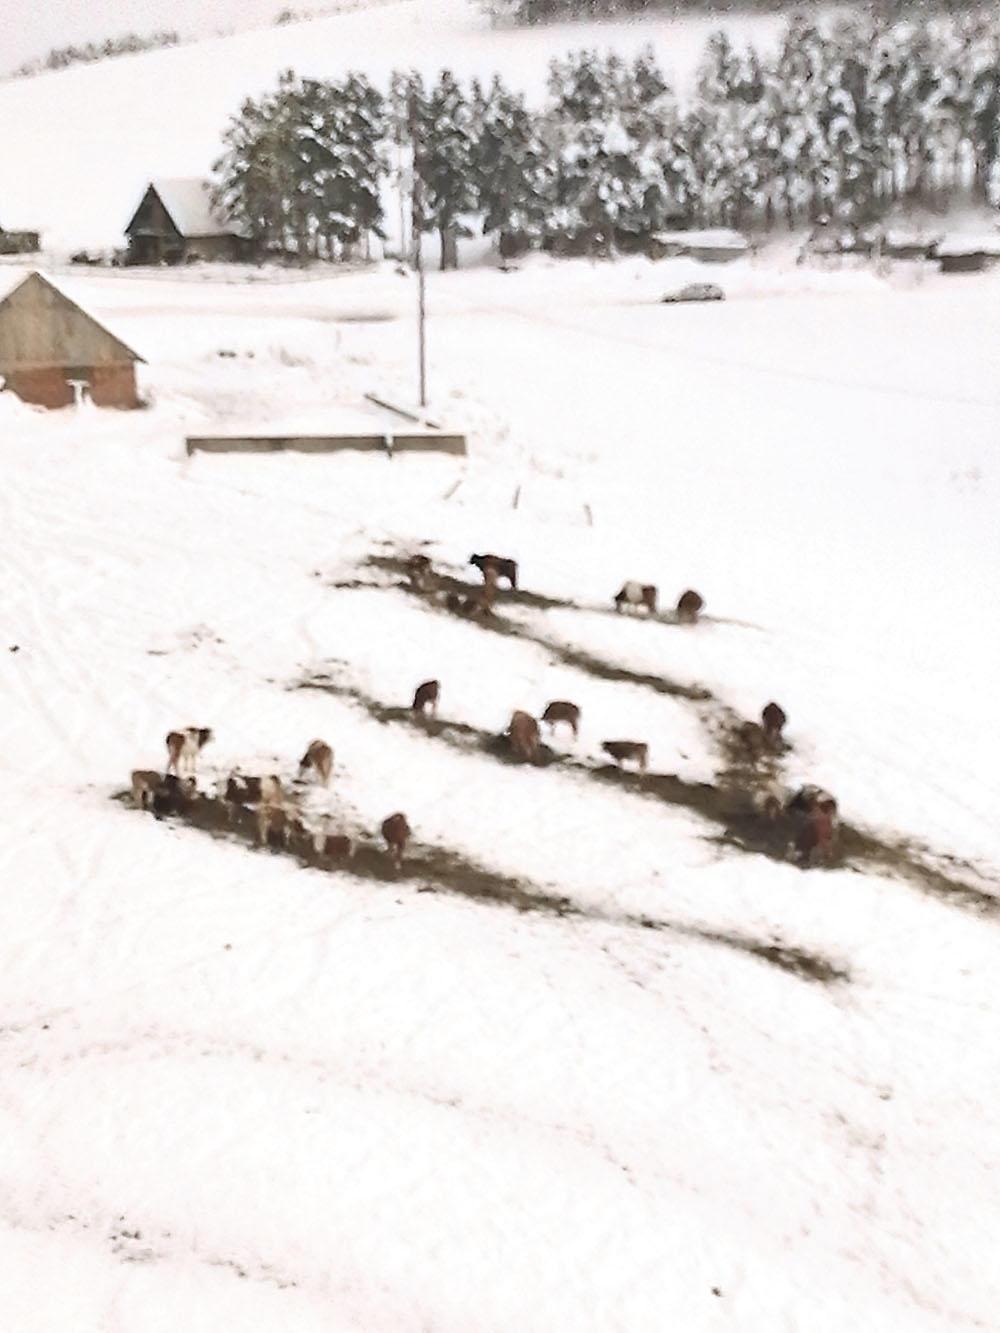 Krdo  prošaralo sneg Seno, koje jedu, odozgo izgleda ko kakav drum usred beline